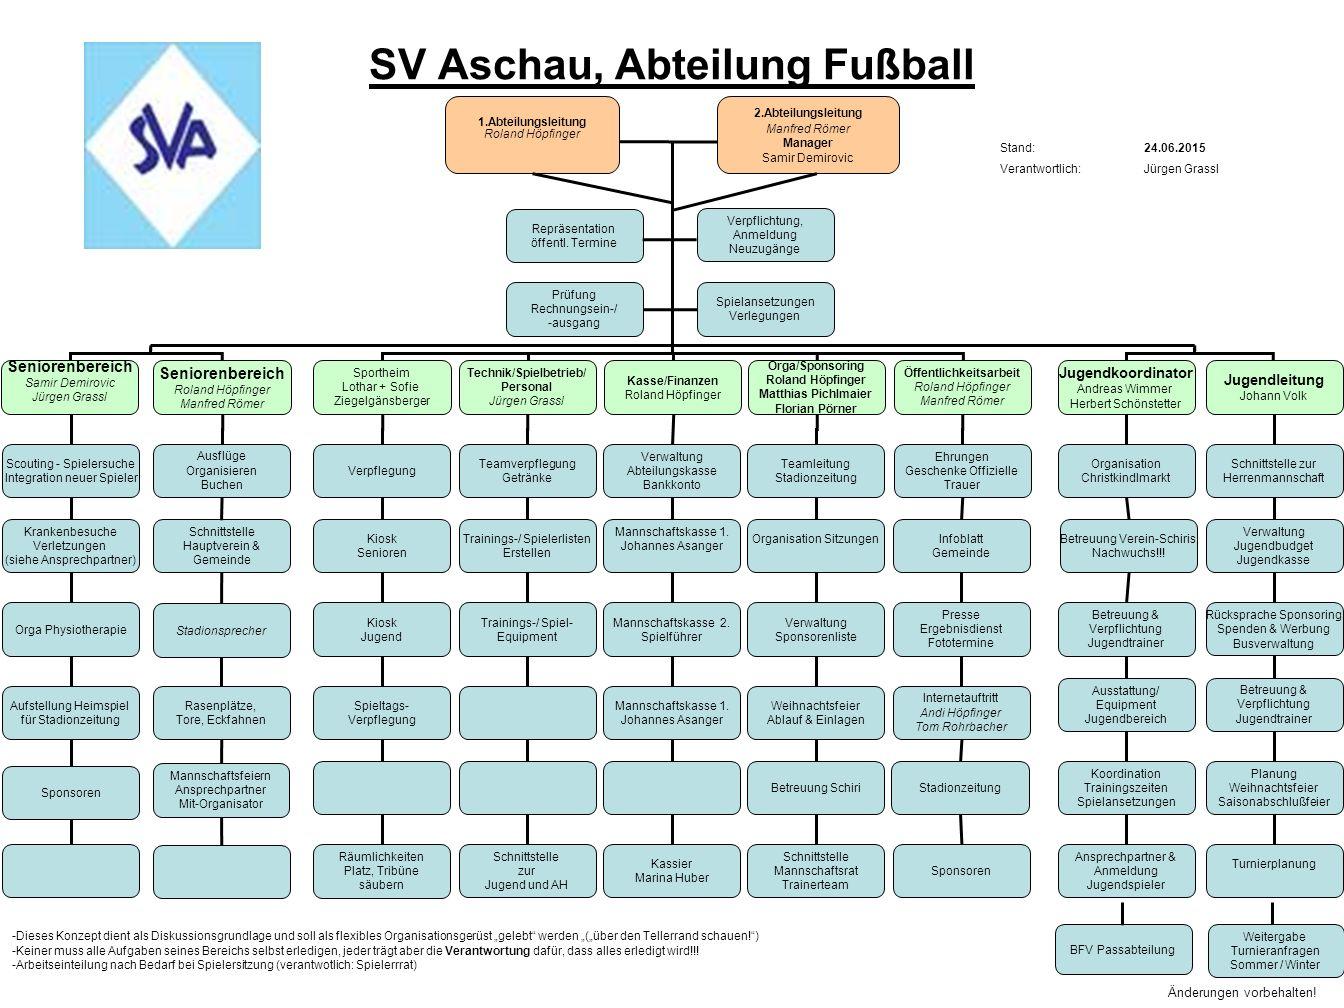 SV Aschau, Abteilung Fußball 1.Abteilungsleitung Roland Höpfinger Sportheim Lothar + Sofie Ziegelgänsberger Technik/Spielbetrieb/ Personal Jürgen Gras